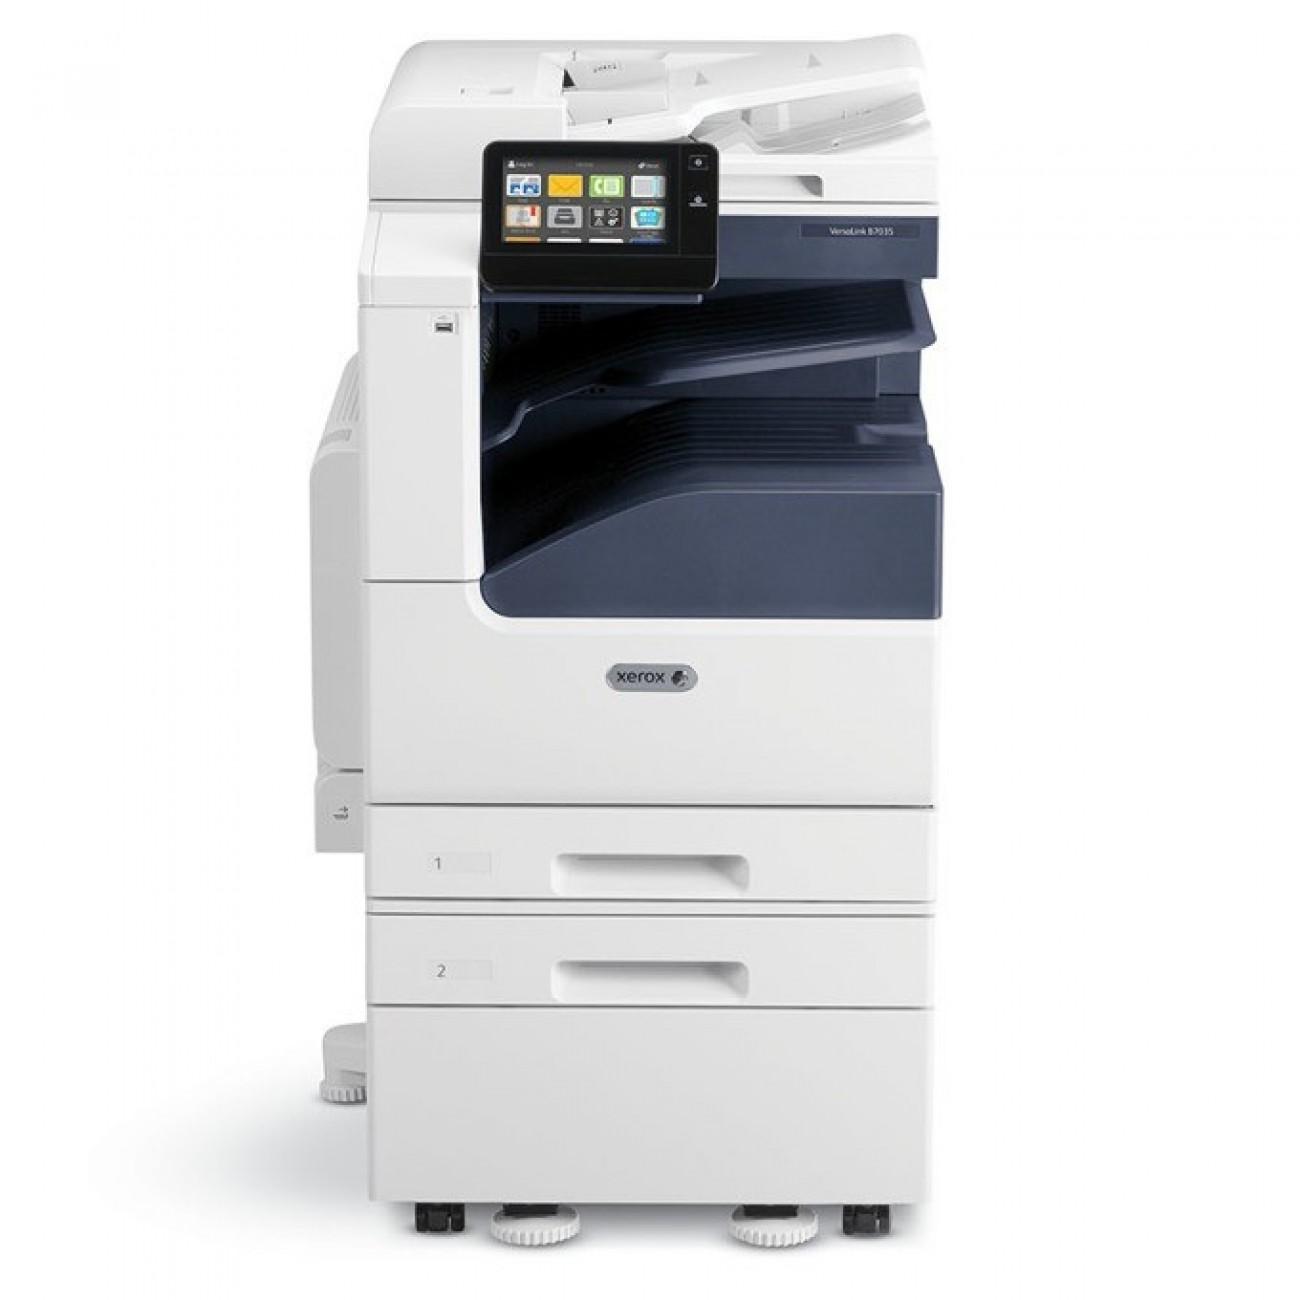 Мултифункционално лазерно устройство Xerox VersaLink B7030, монохромен, принтер/копир/скенер/факс, 1200 x 1200 dpi, 30 стр/мин, Lan1000, Wi-Fi, USB 3.0, A3 в Мултифункционали и MFP -  | Alleop